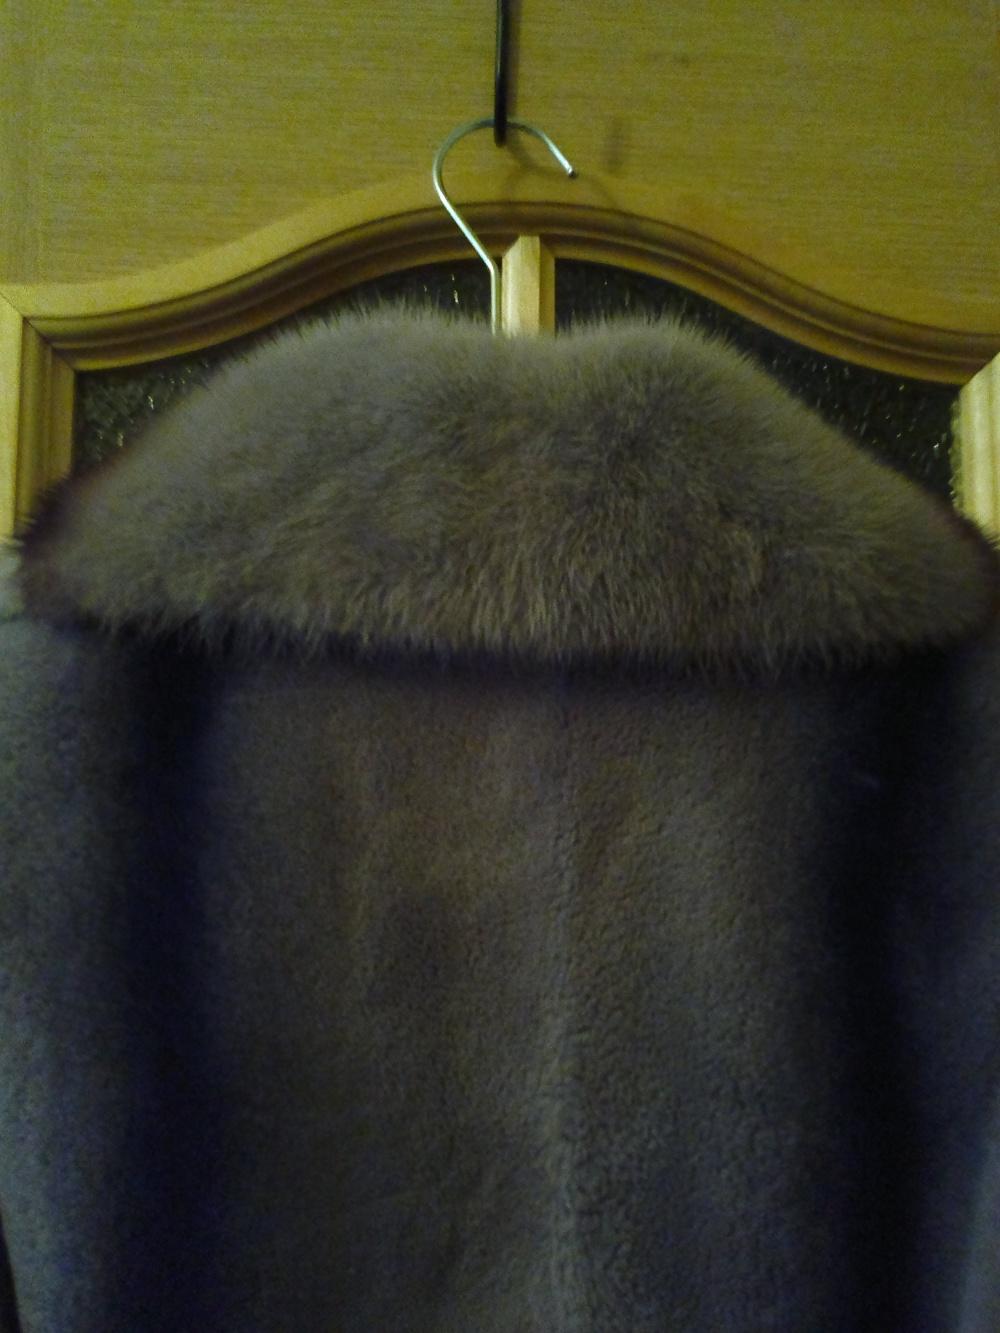 Шуба Lanbecetinlers shadow, размер 46-48 российский.